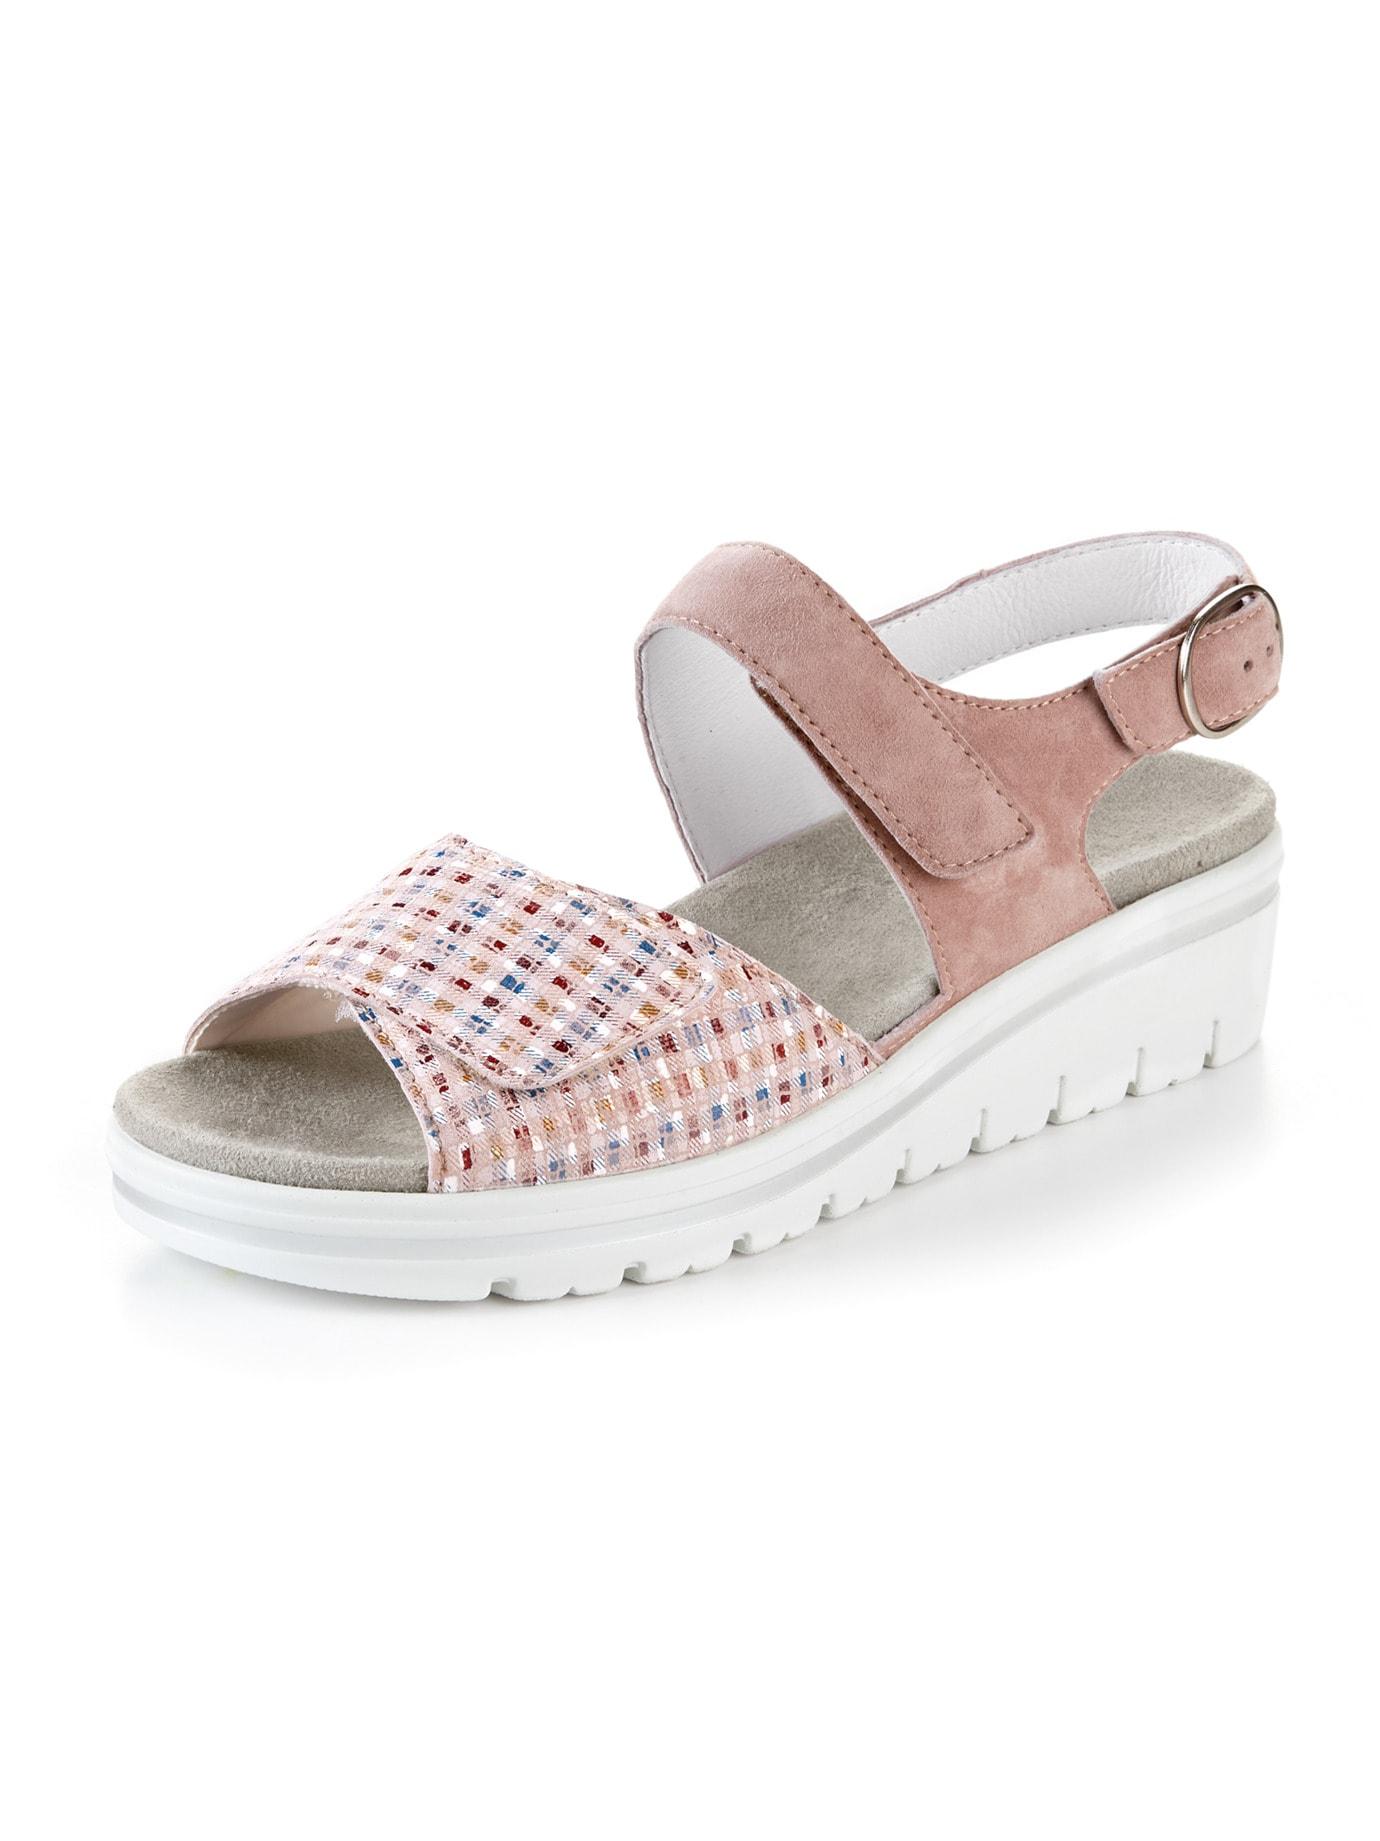 Avena Damen Hallux-Sandale de Luxe Rose 45-7955-9